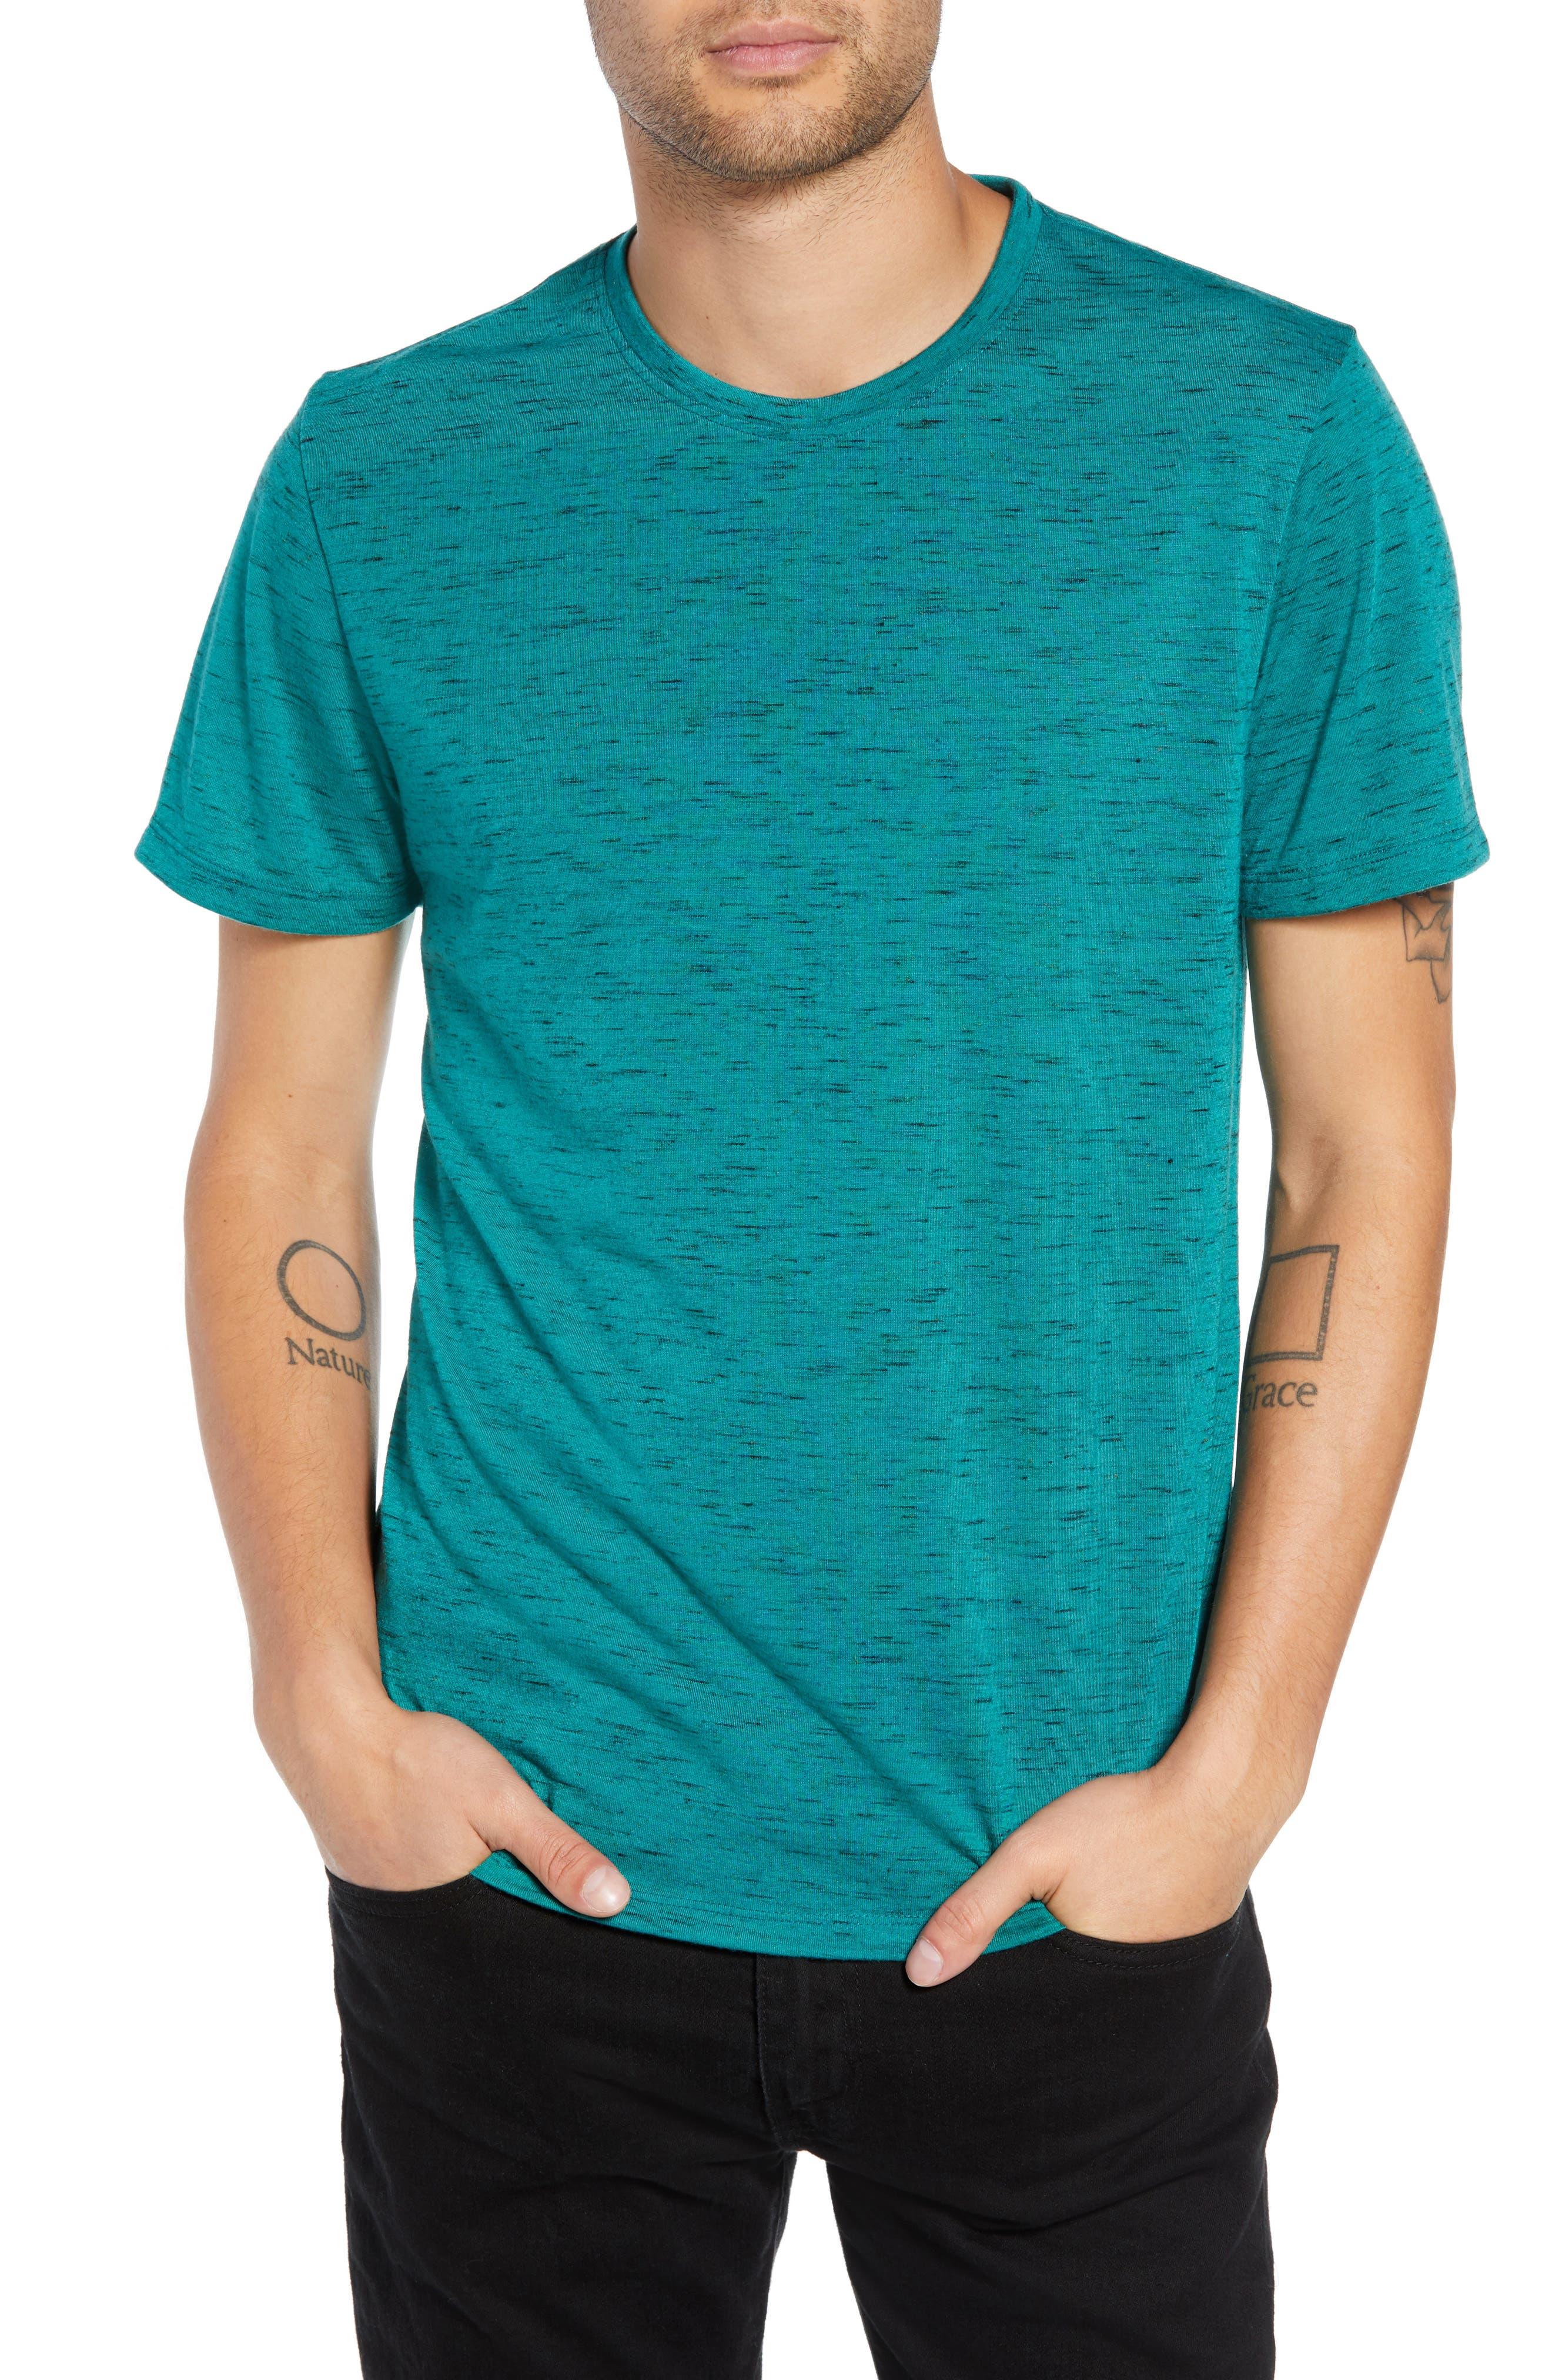 Streaky T-Shirt,                             Main thumbnail 1, color,                             TEAL GREEN- BLACK